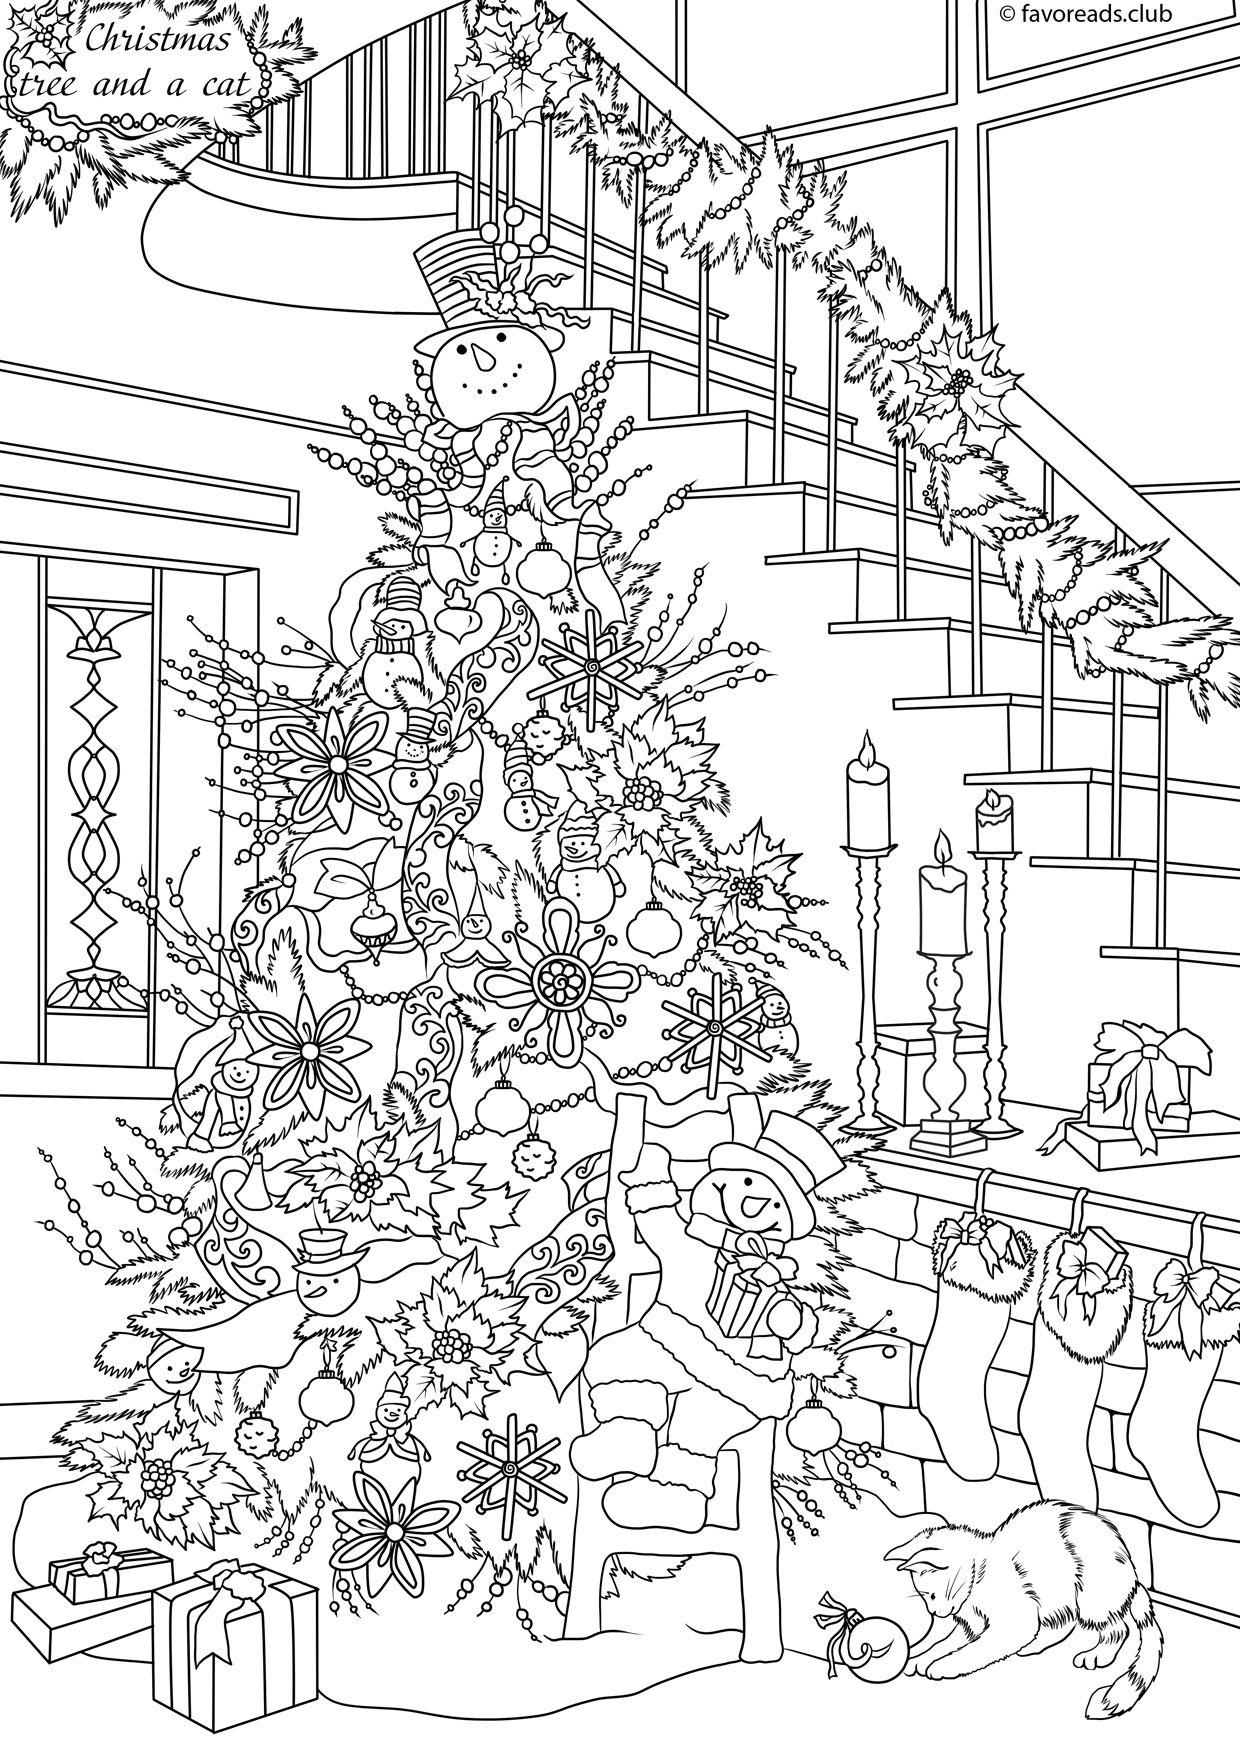 Pin de Gwen en Coloring and drawing | Pinterest | Colorear, Estrés y ...